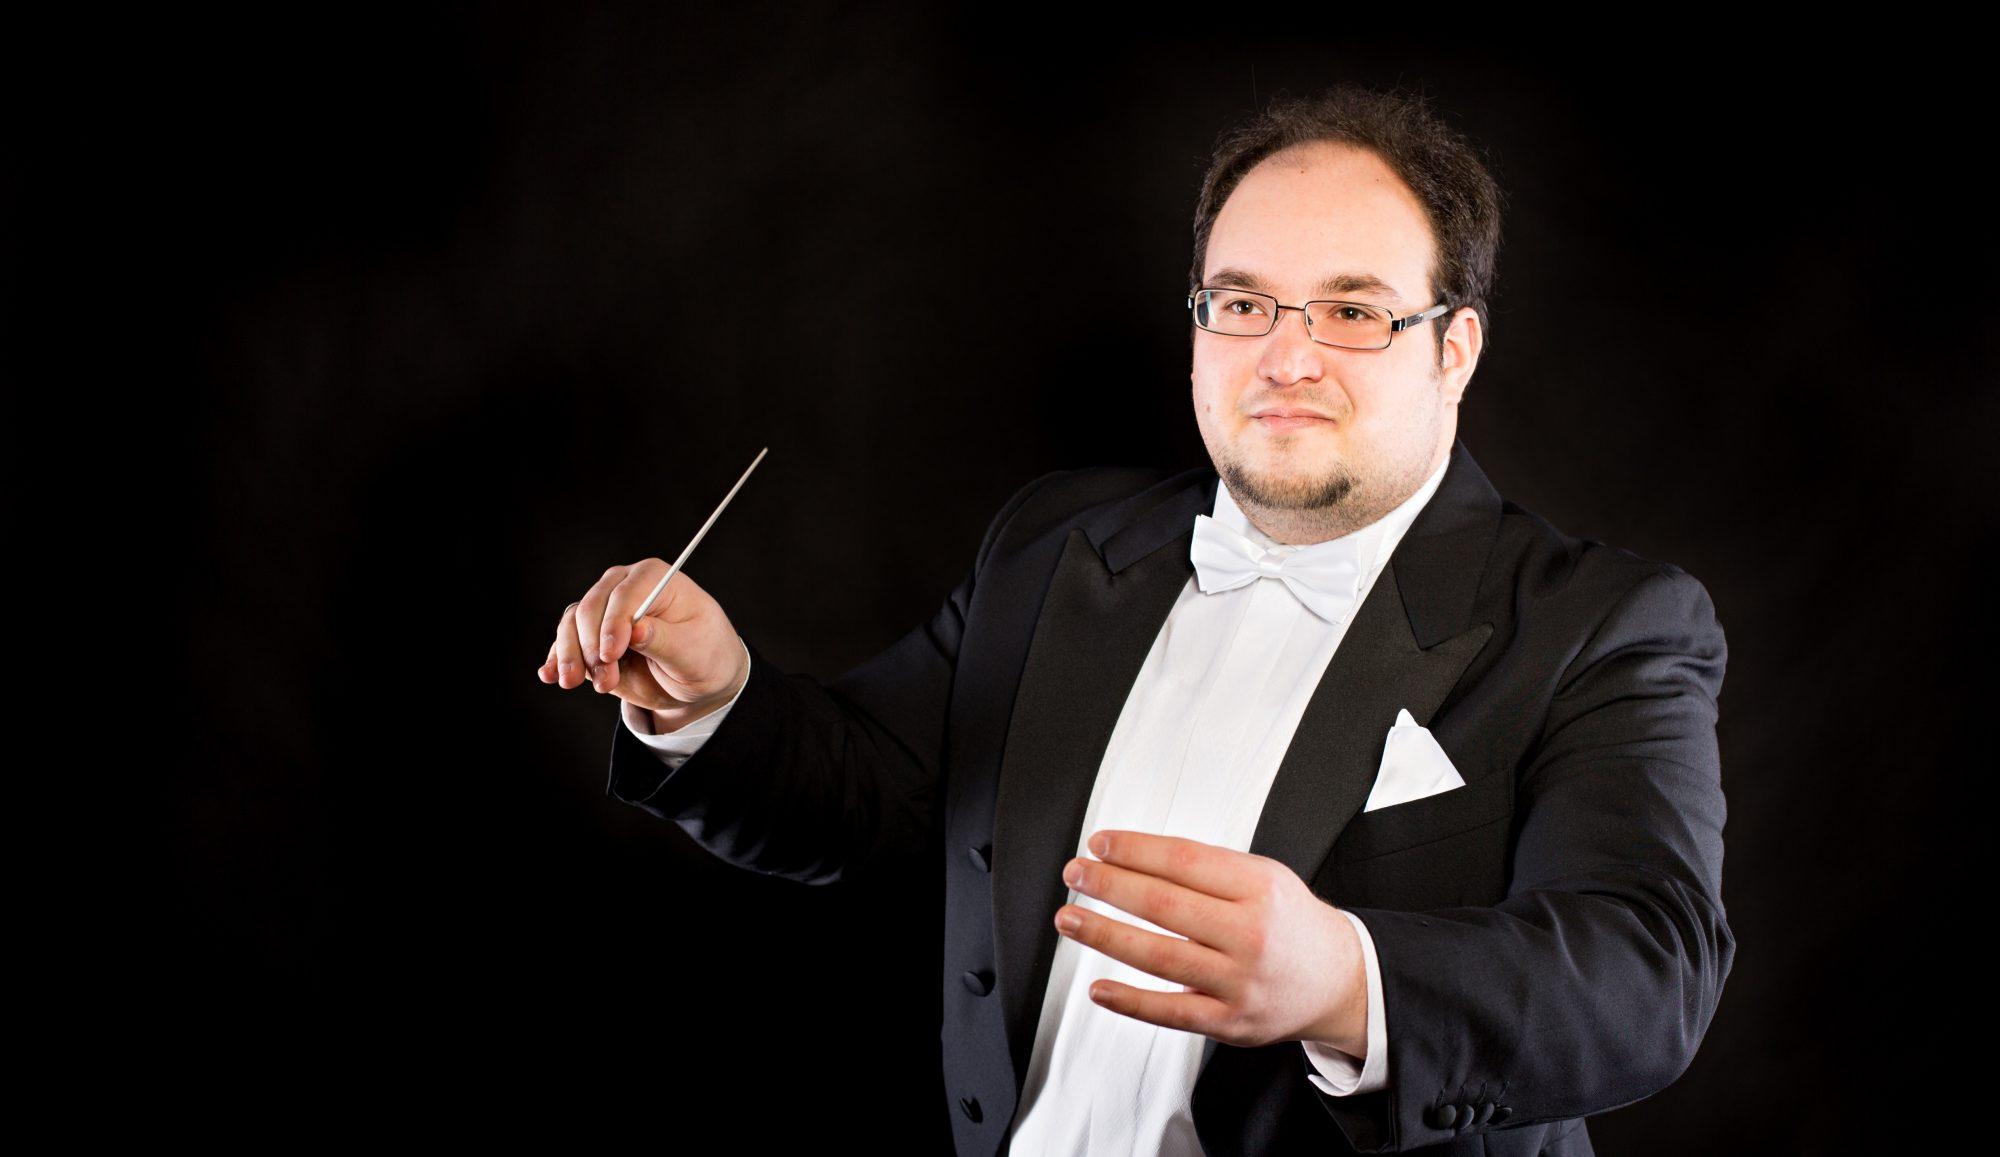 Manuel P. Grund